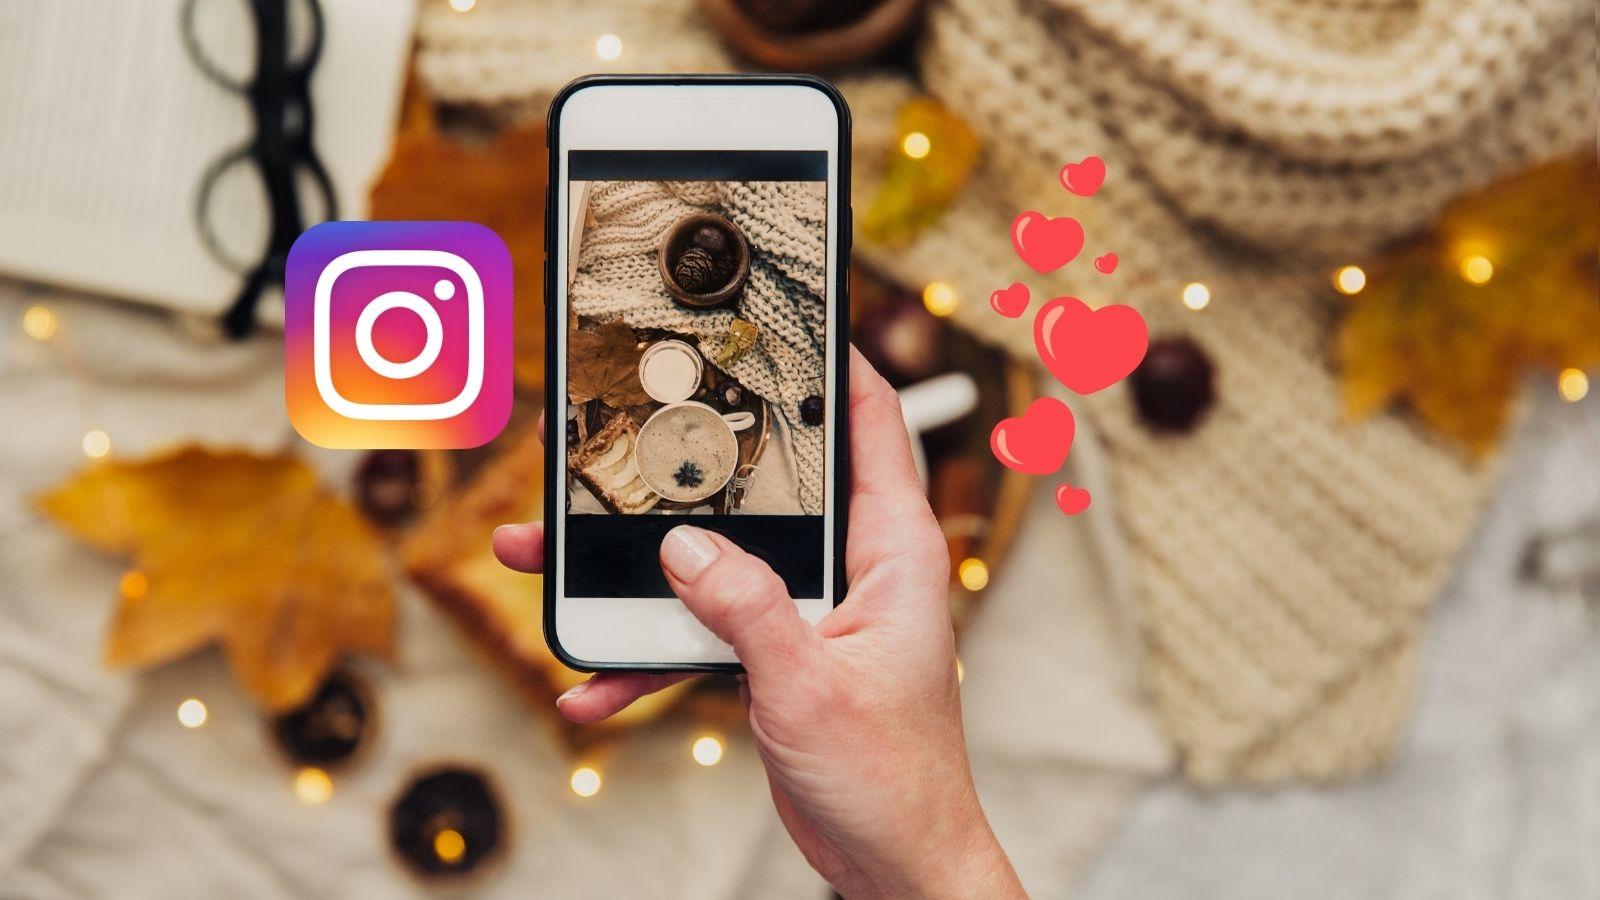 HubSpot vs. Hootsuite for Instagram